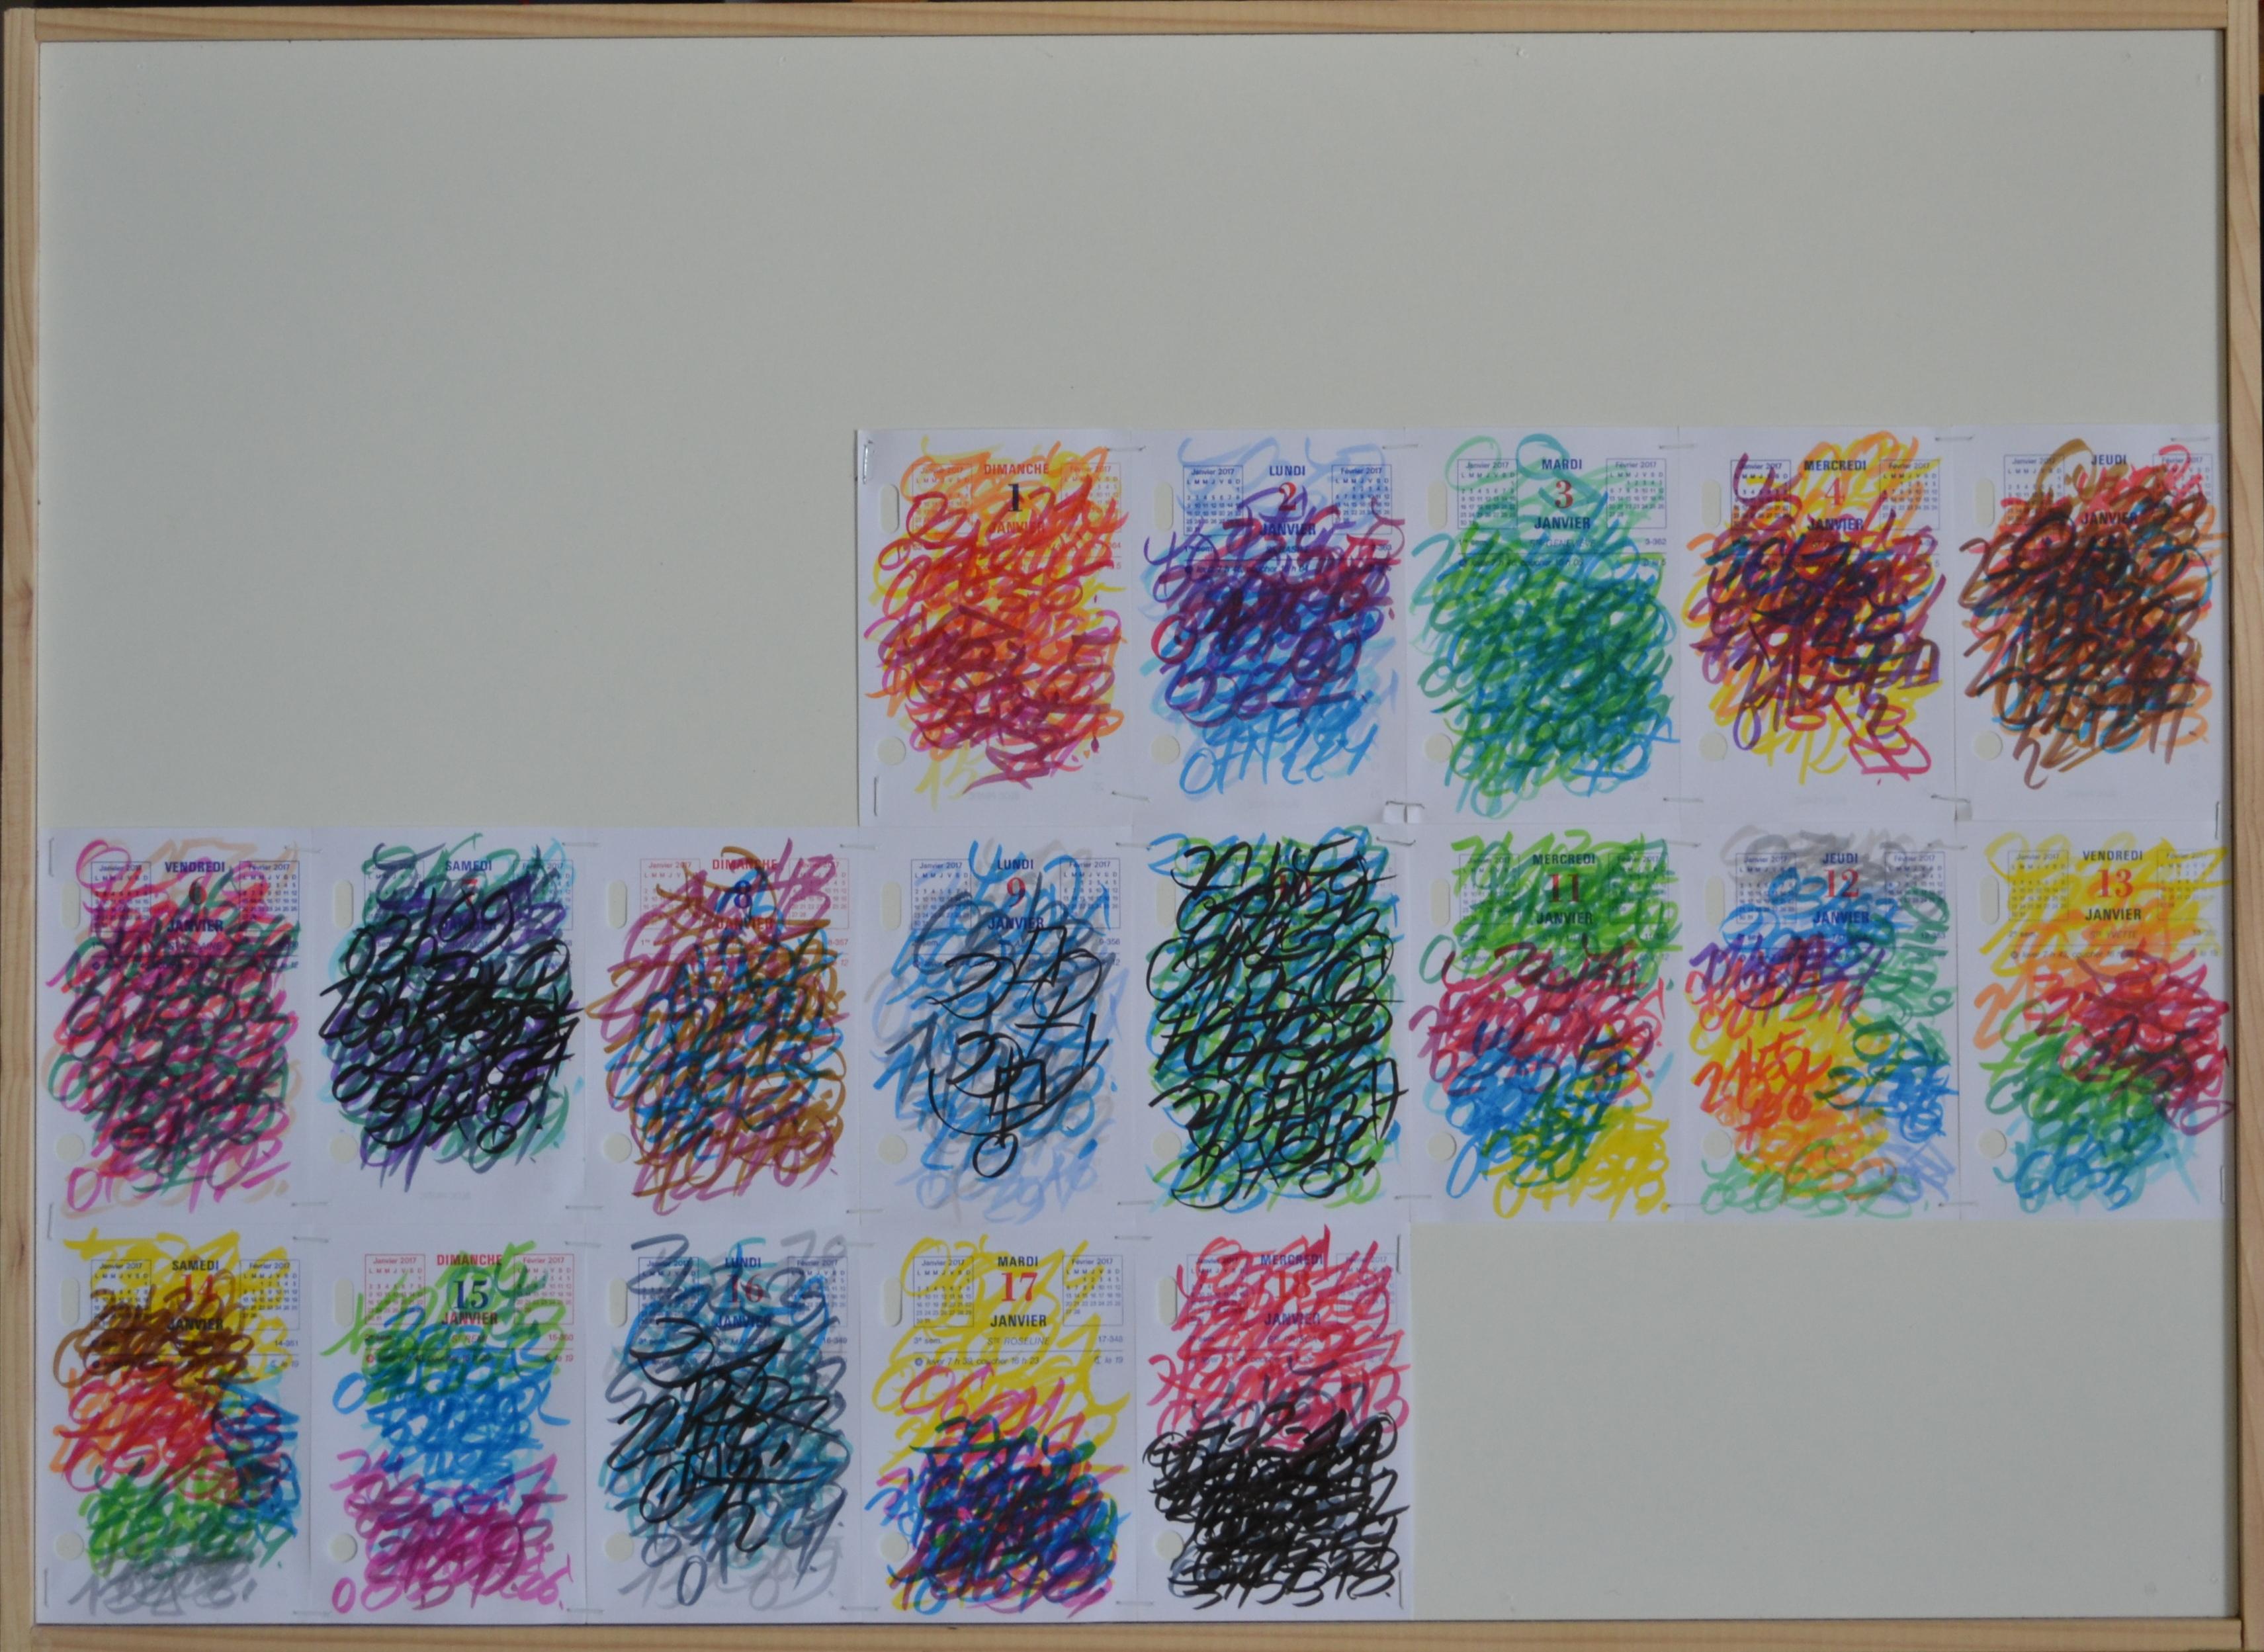 Mappemonde Ephéméride 2017, 1/13, Soleil dans le signe du Capricorne, crayon feutre sur papiers agrafés sur bois, 50 x 68 cm. Notation journalière, sur les feuilles 12 x 8 cm d